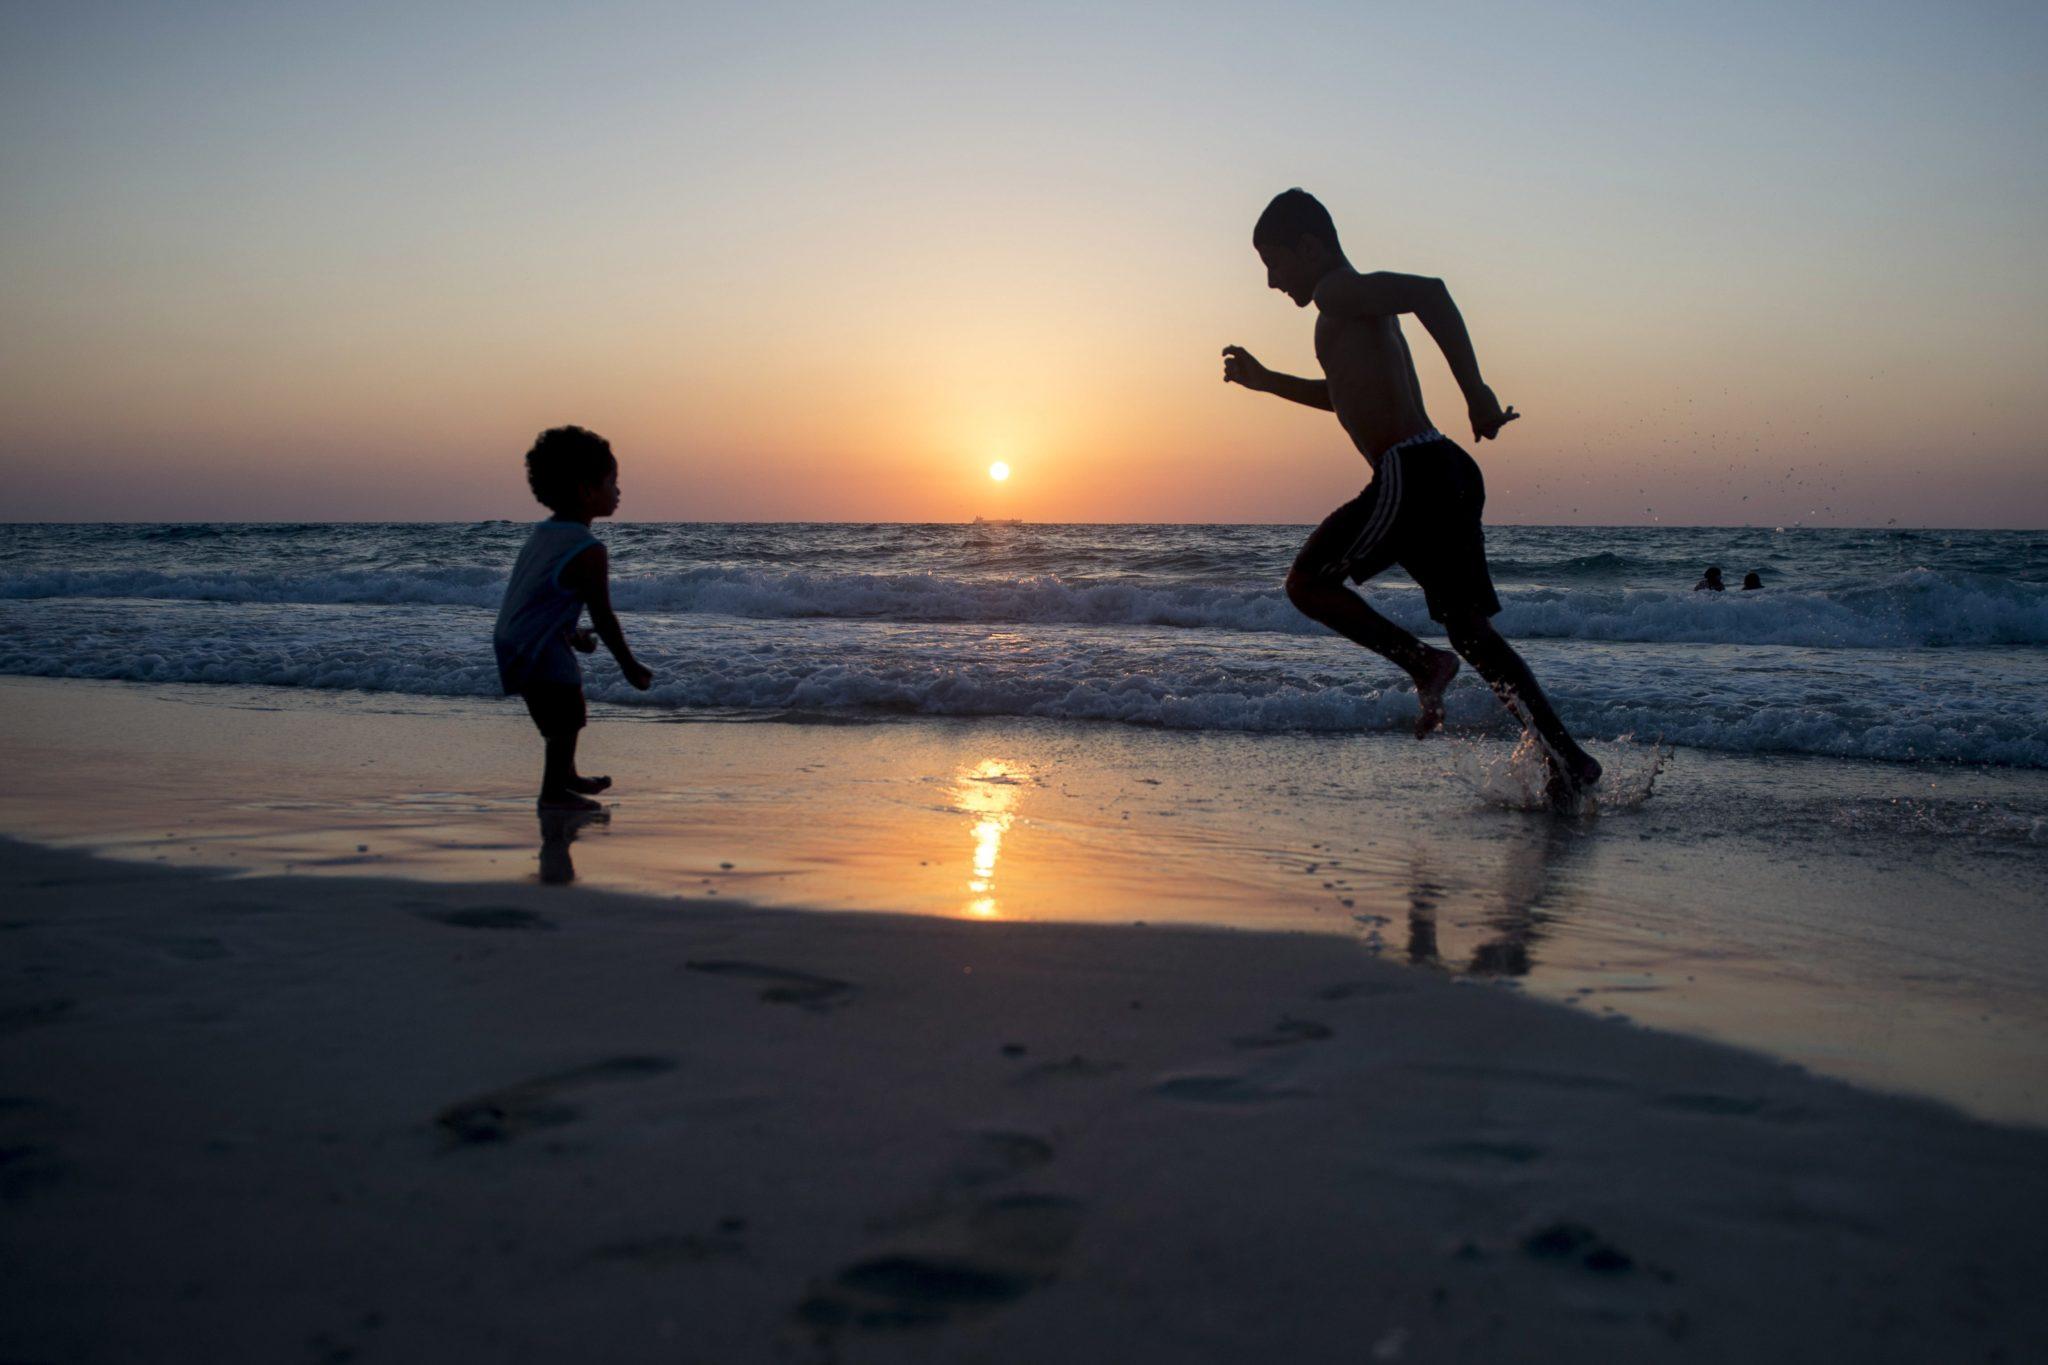 Egipt, Aleksandria. Egipski chłopiec biegnie na plaży o zachodzie słońca na północnym wybrzeżu Morza Śródziemnego, fot. Mohamed Hossam, PAP/EPA